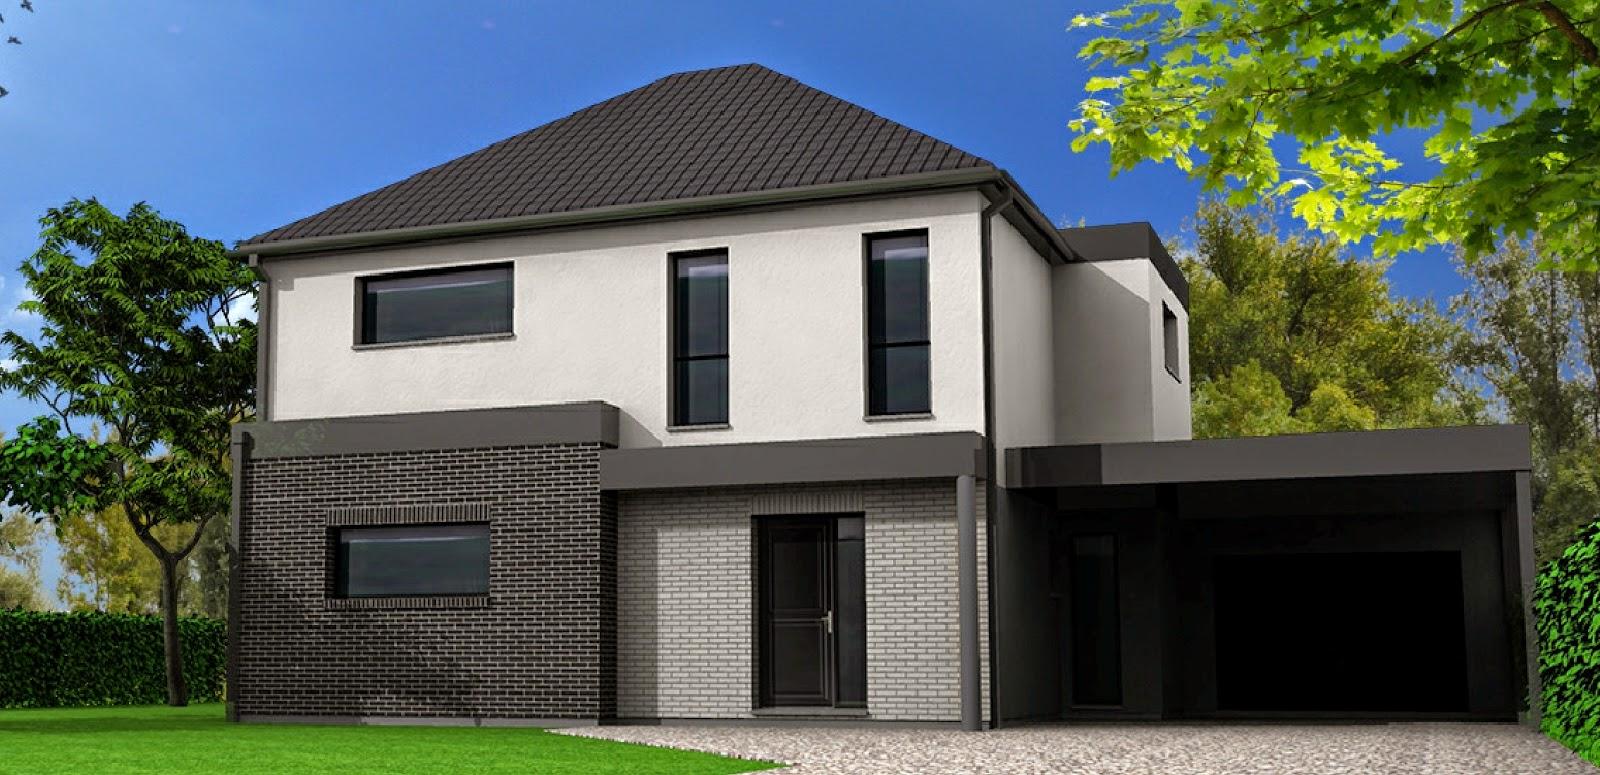 Maison-Familiale LILLE: GONDECOURT - Etage R+1 - 128 m²